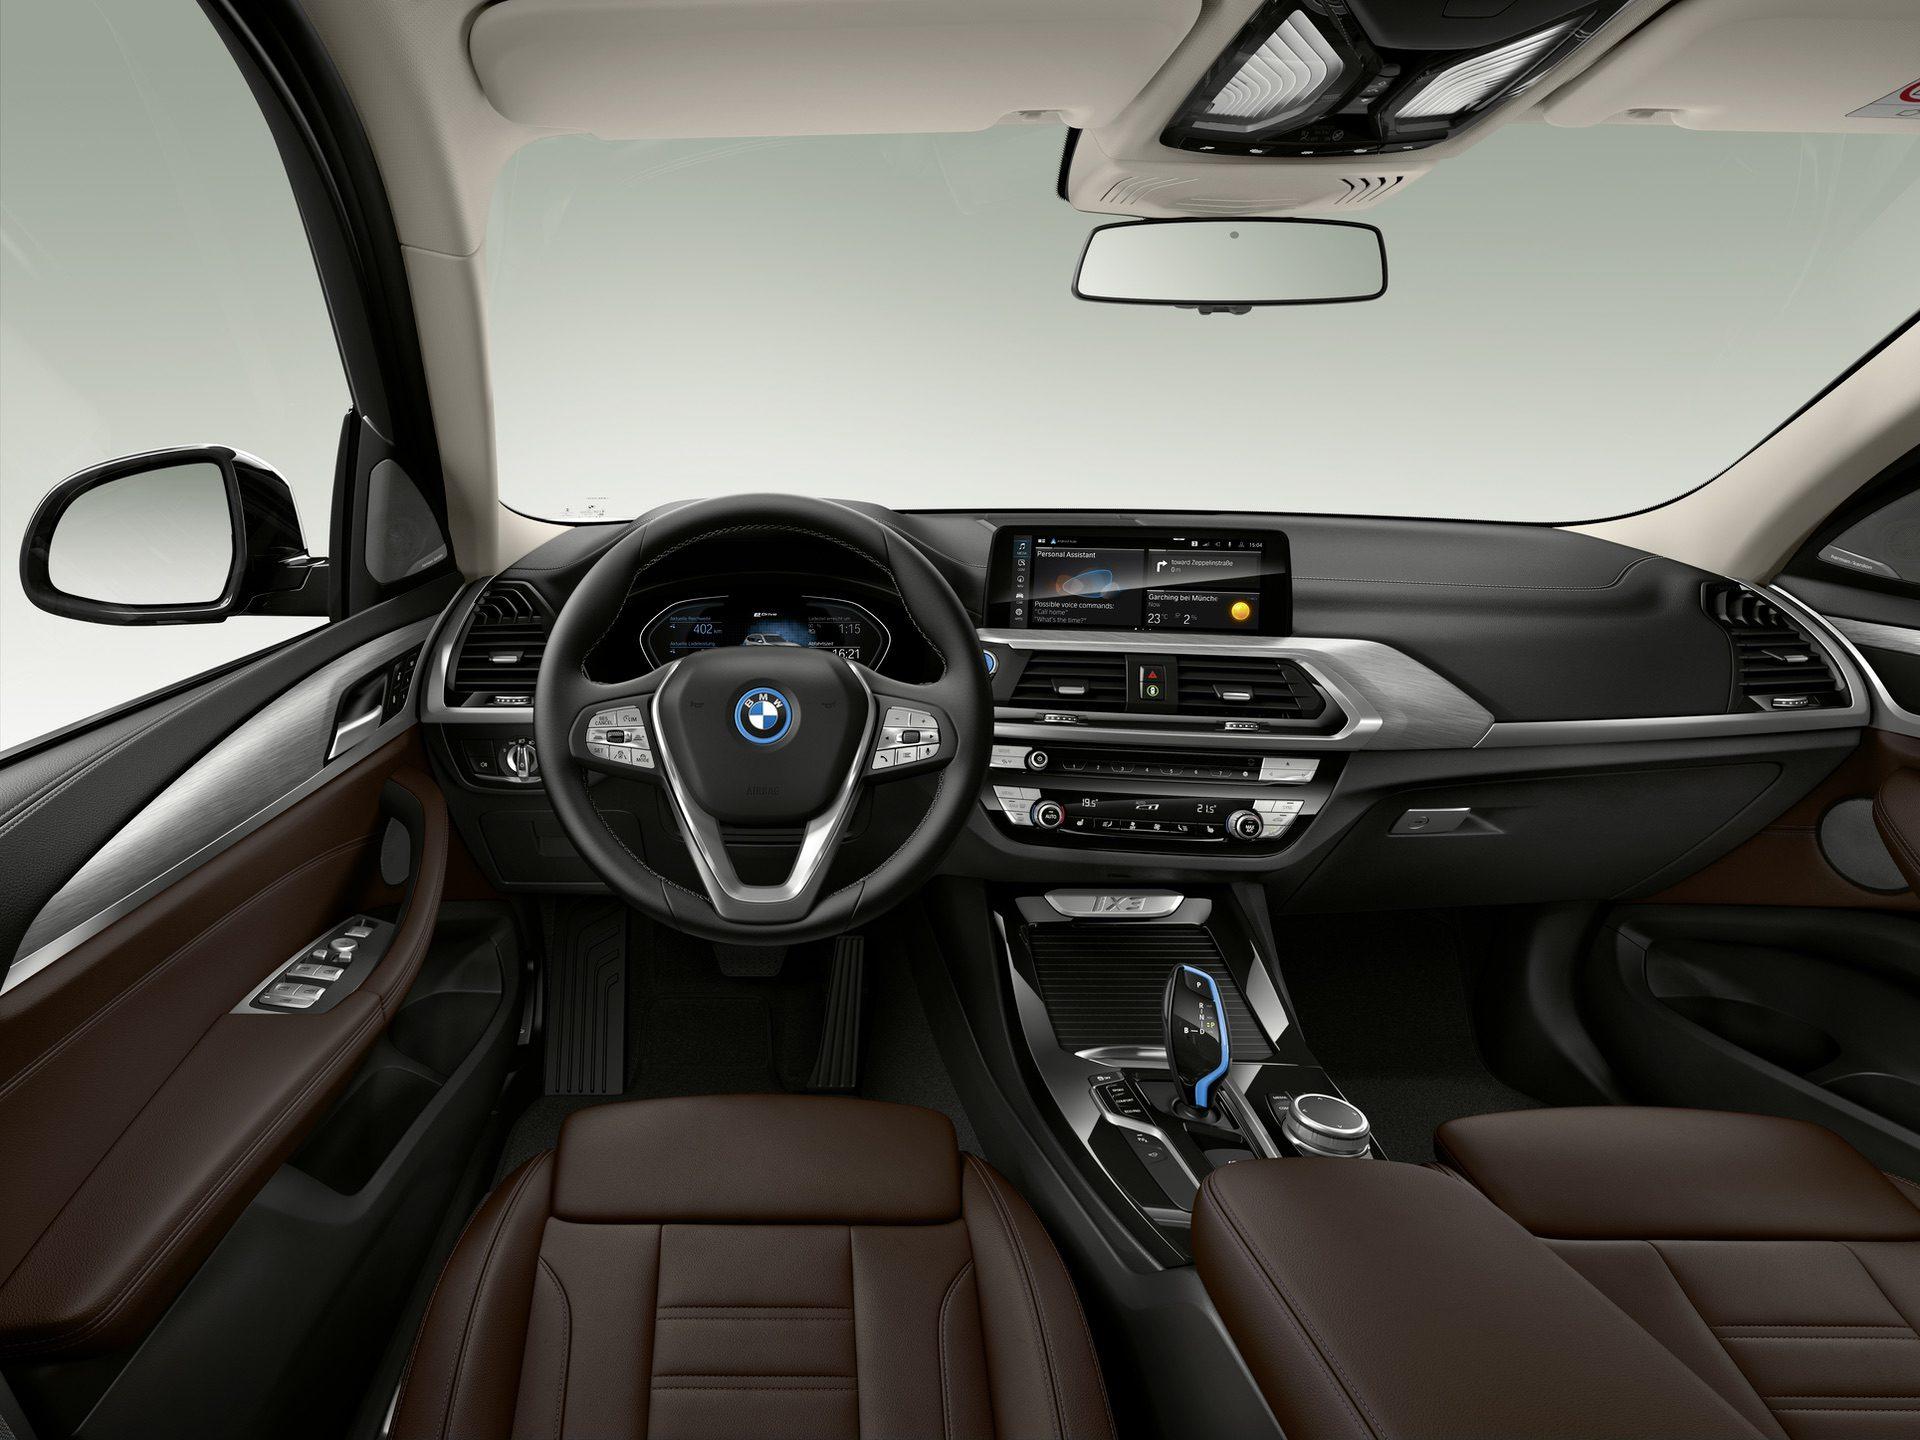 bmw ix3 interior design 06